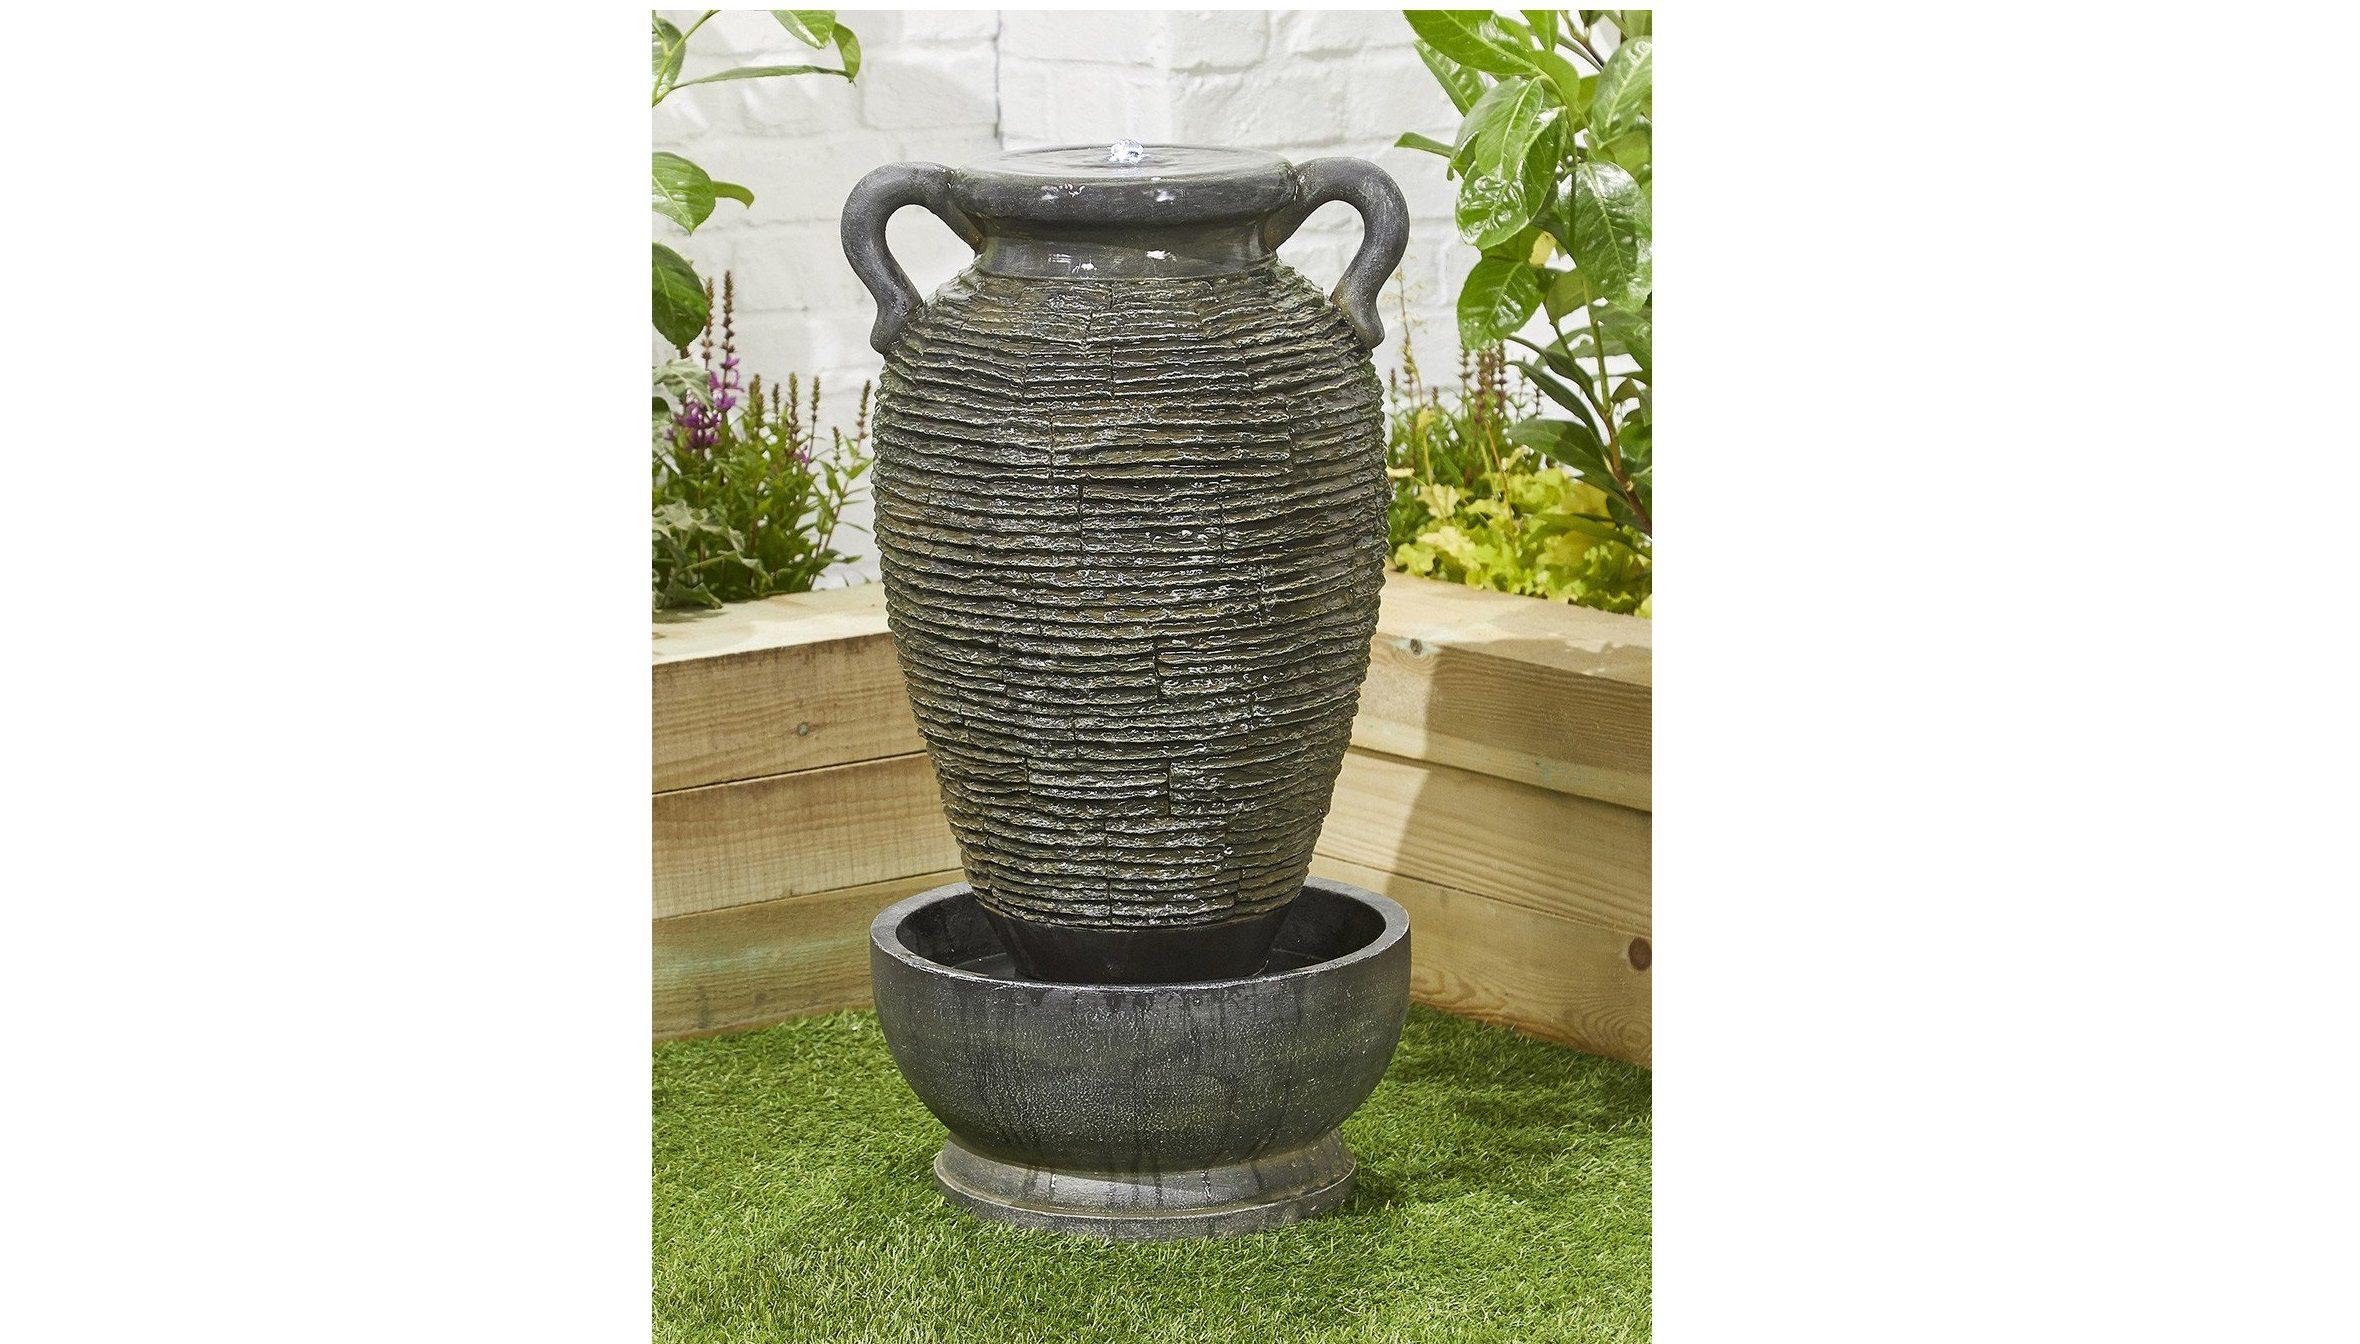 Rippling Vase